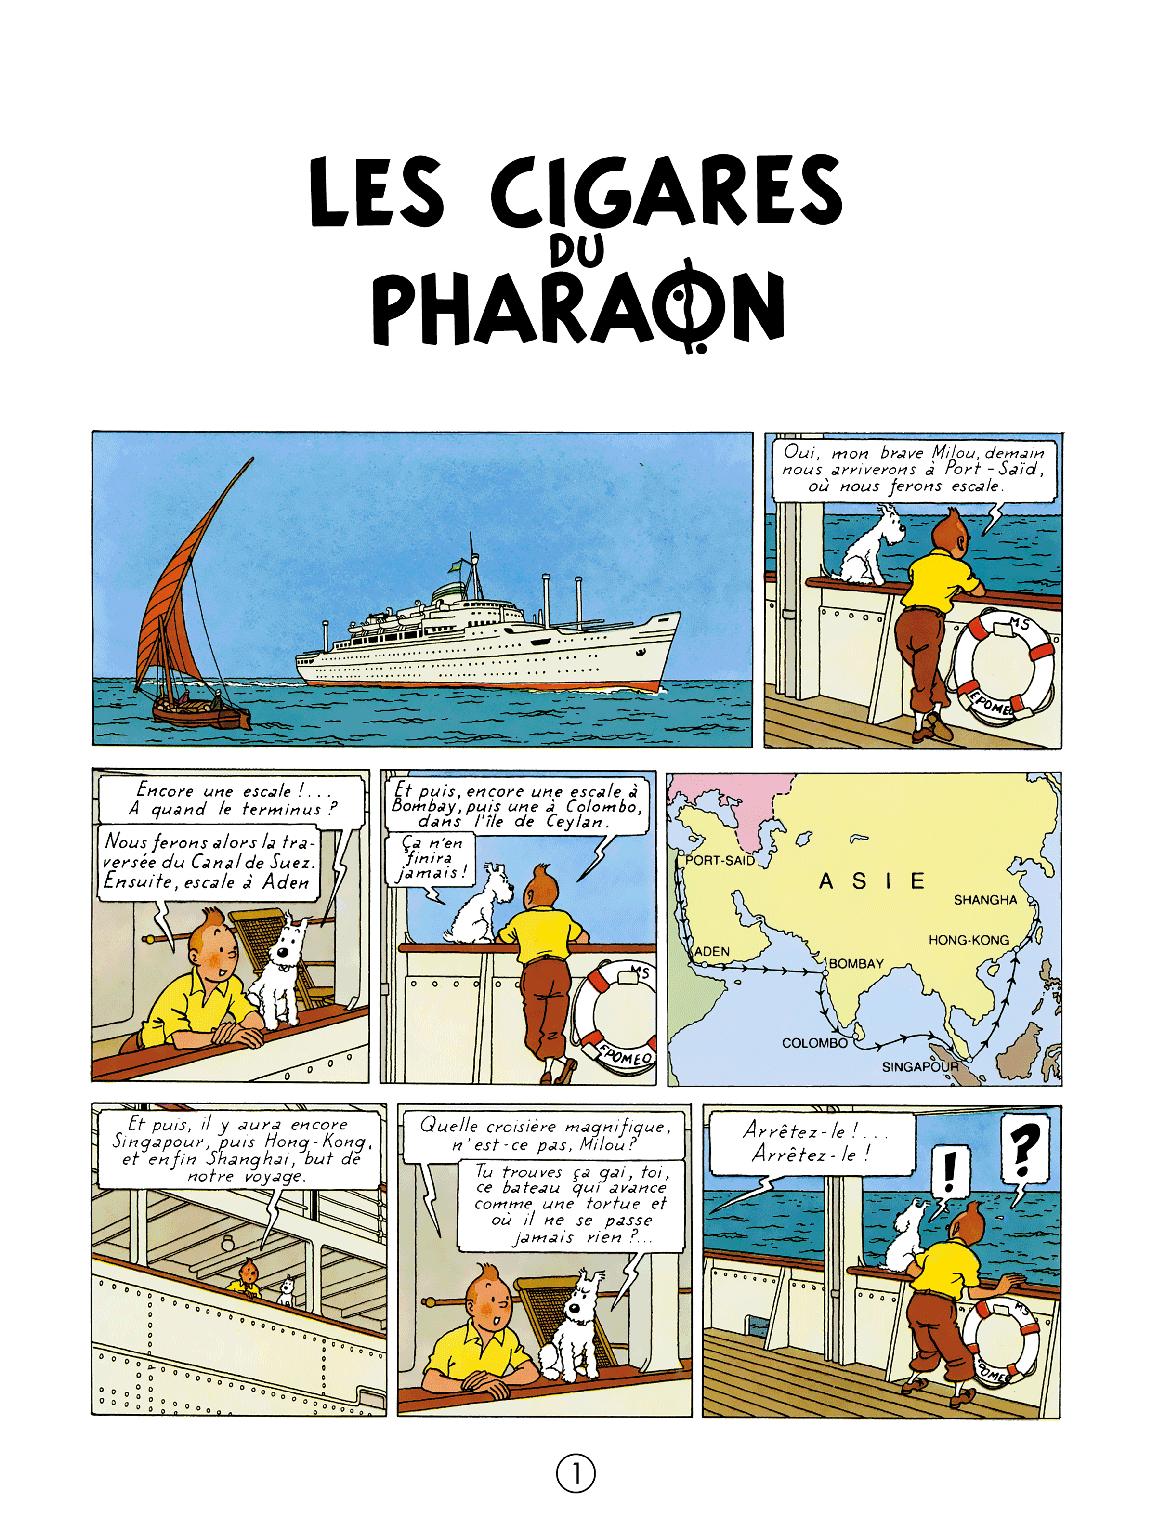 Les Cigares du Pharaon - Page 1